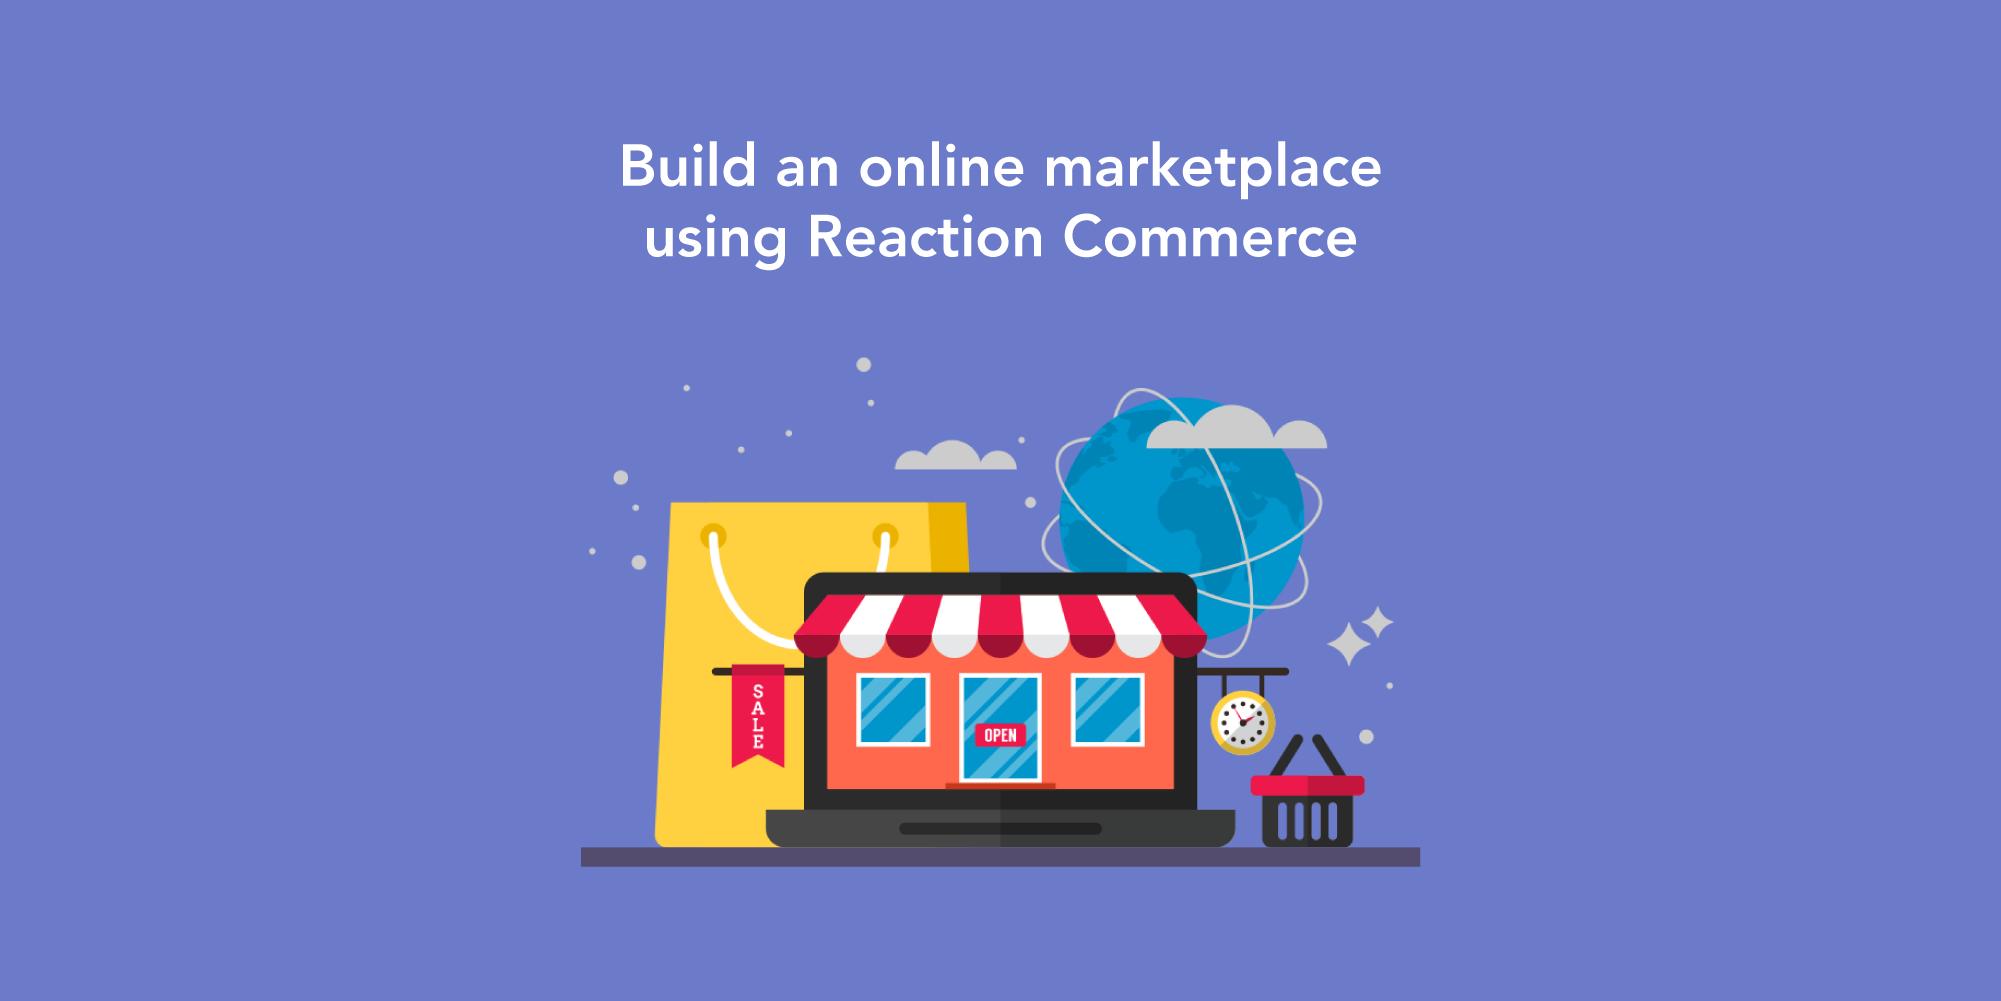 Develop an Online Marketplace App Using Reaction Commerce: Potential Advantages